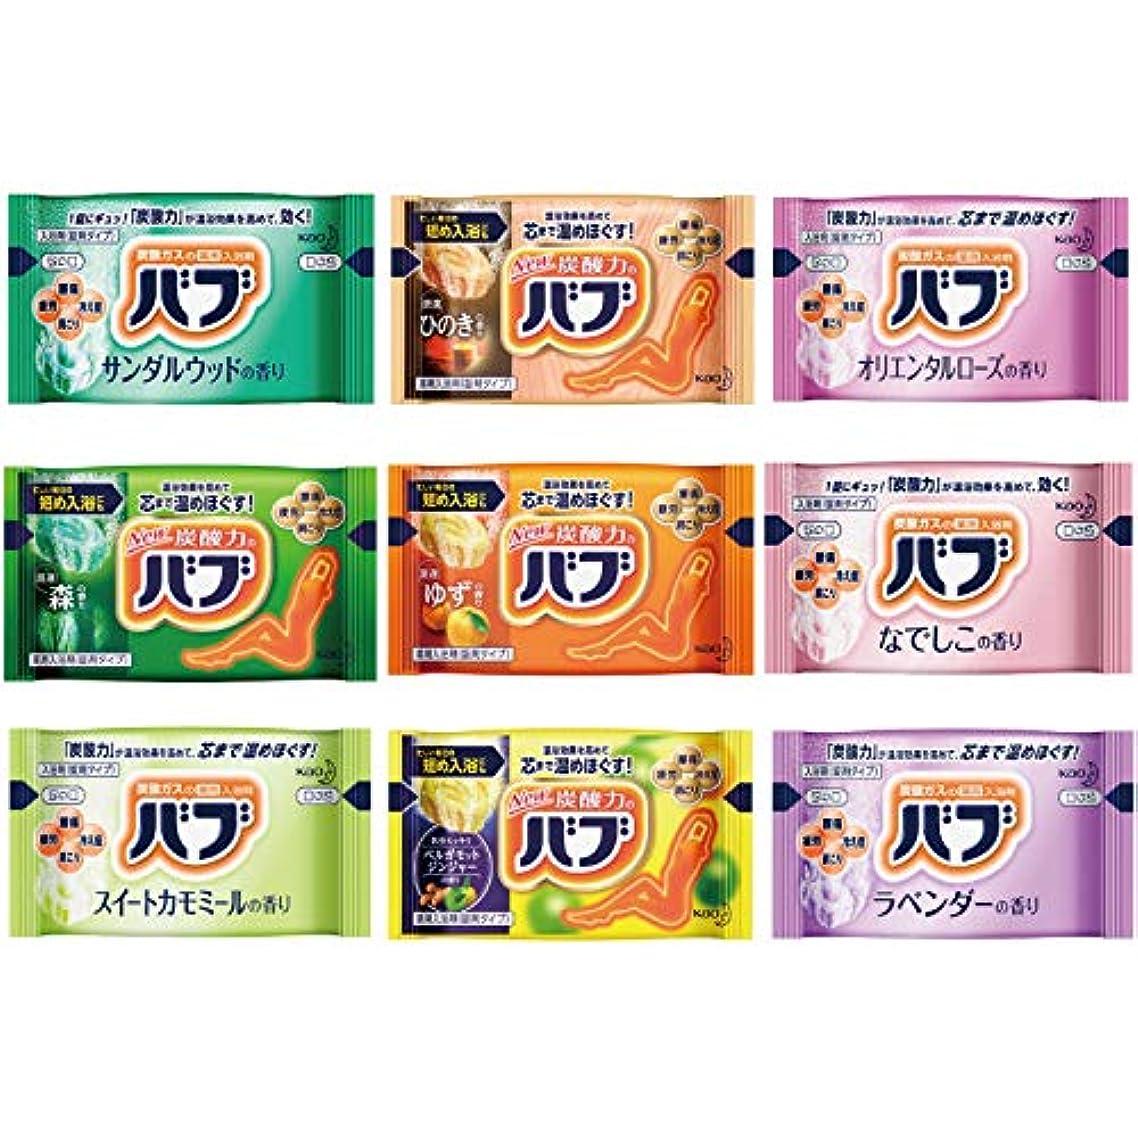 花王 バブ 入浴剤セット 9種類の香り 36錠(9種類x4錠)